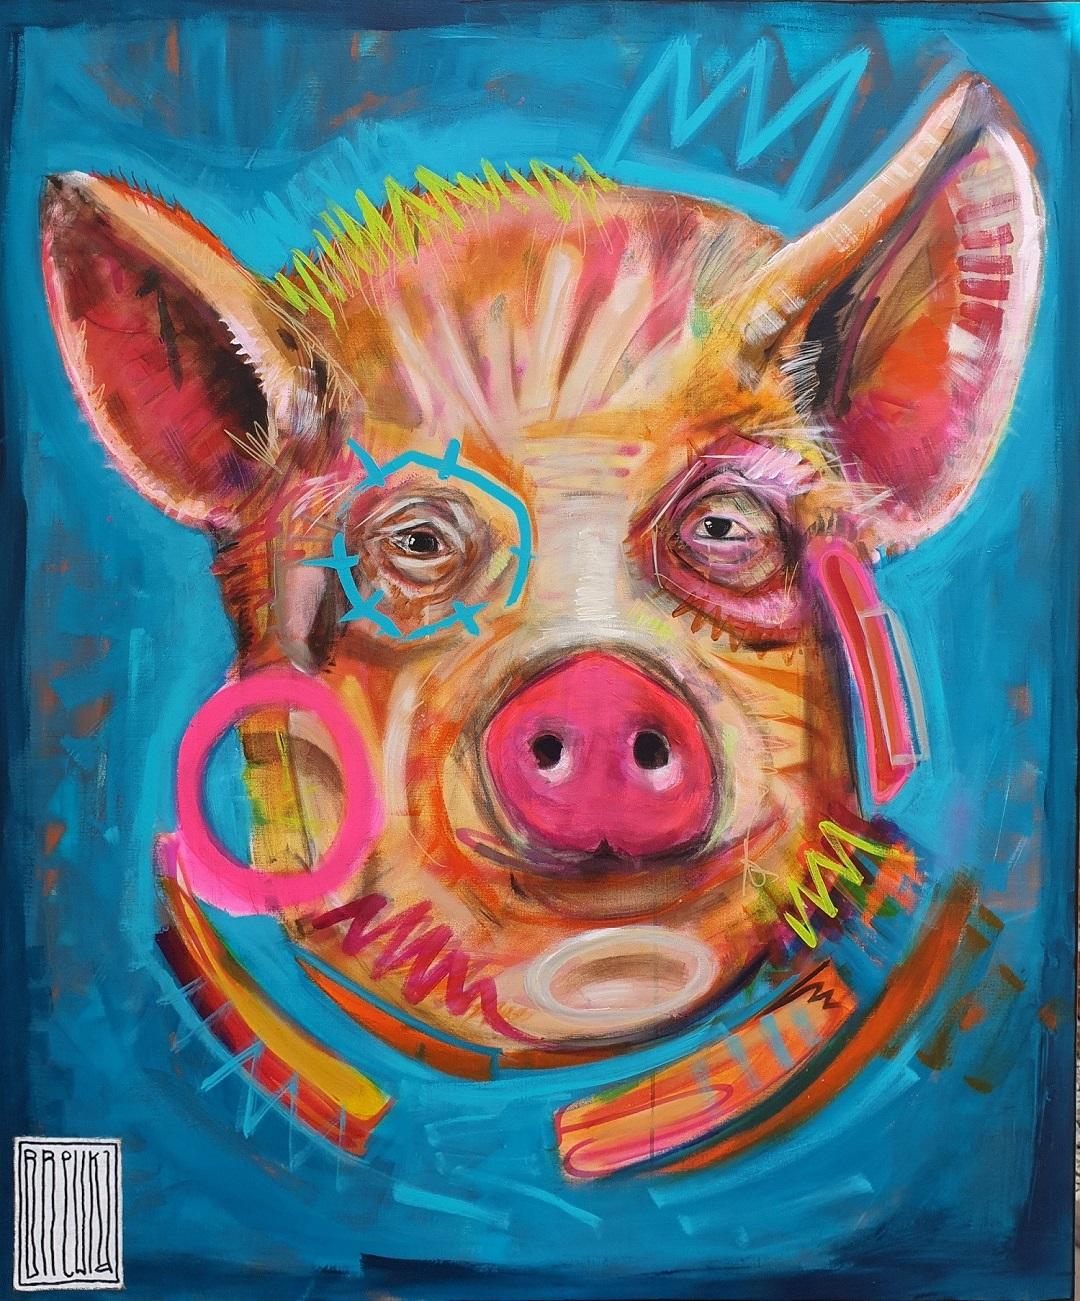 brewka-obrazy-beneficjent-120x100-portrety-zwierzat-2019